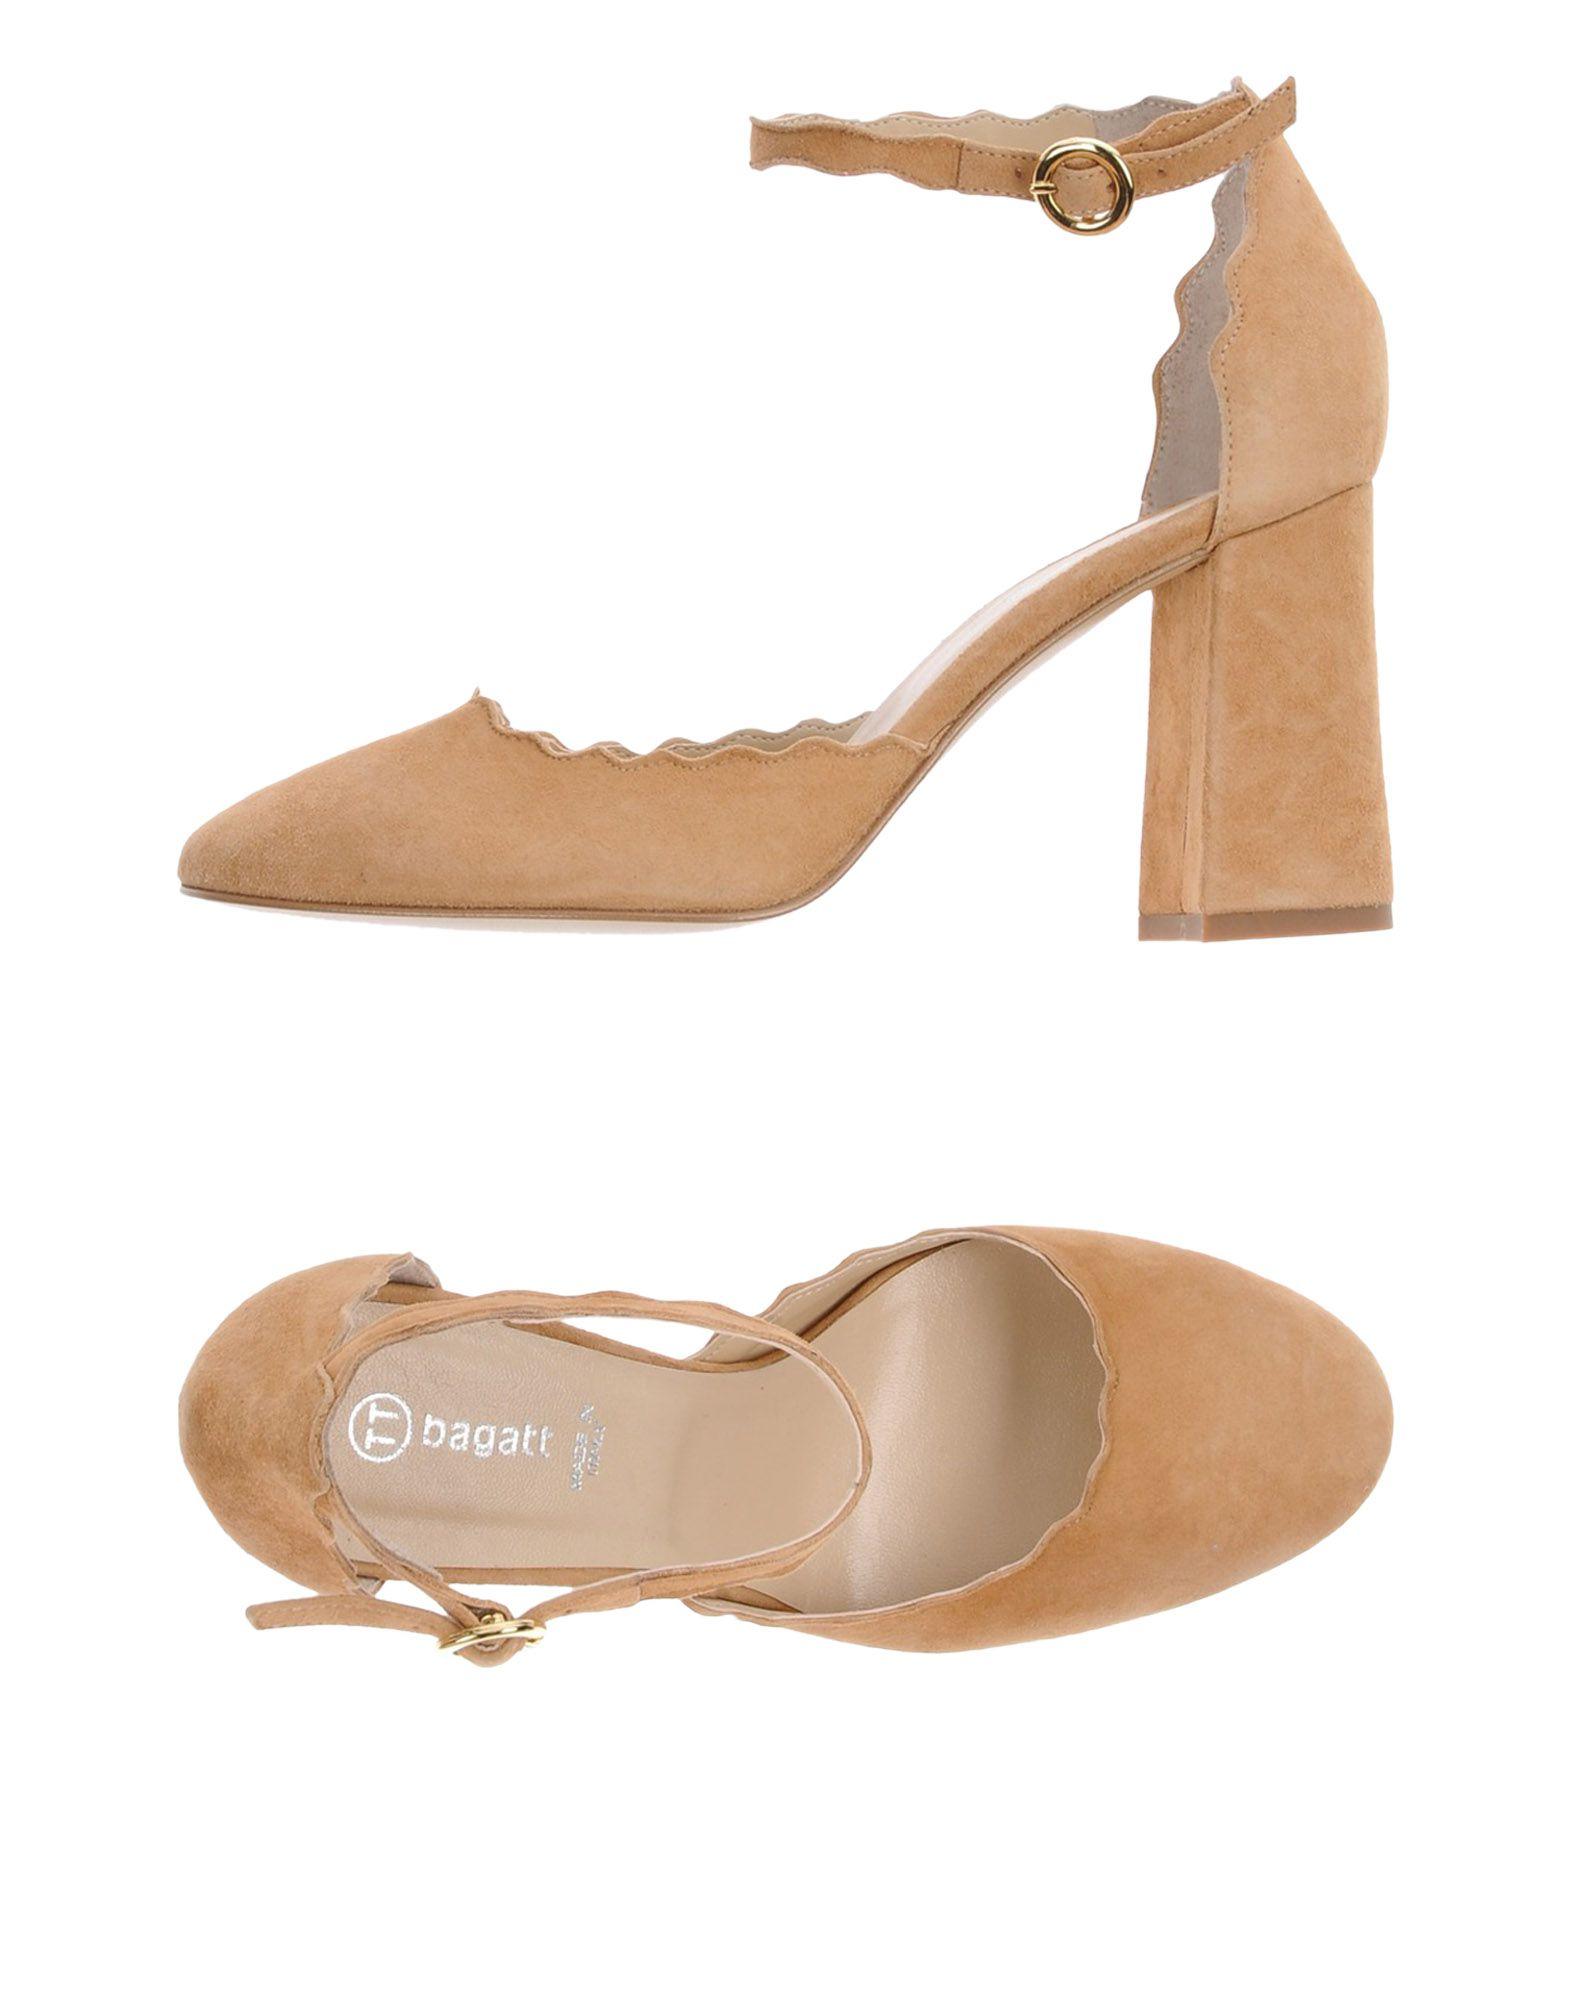 Bagatt Gute Pumps Damen  11412458IL Gute Bagatt Qualität beliebte Schuhe d97ea0